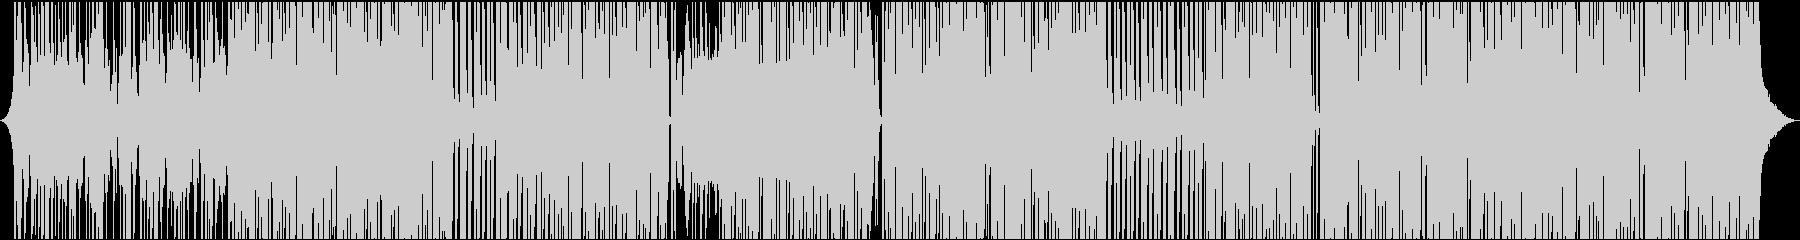 ゆるやかなレゲエポップスの未再生の波形